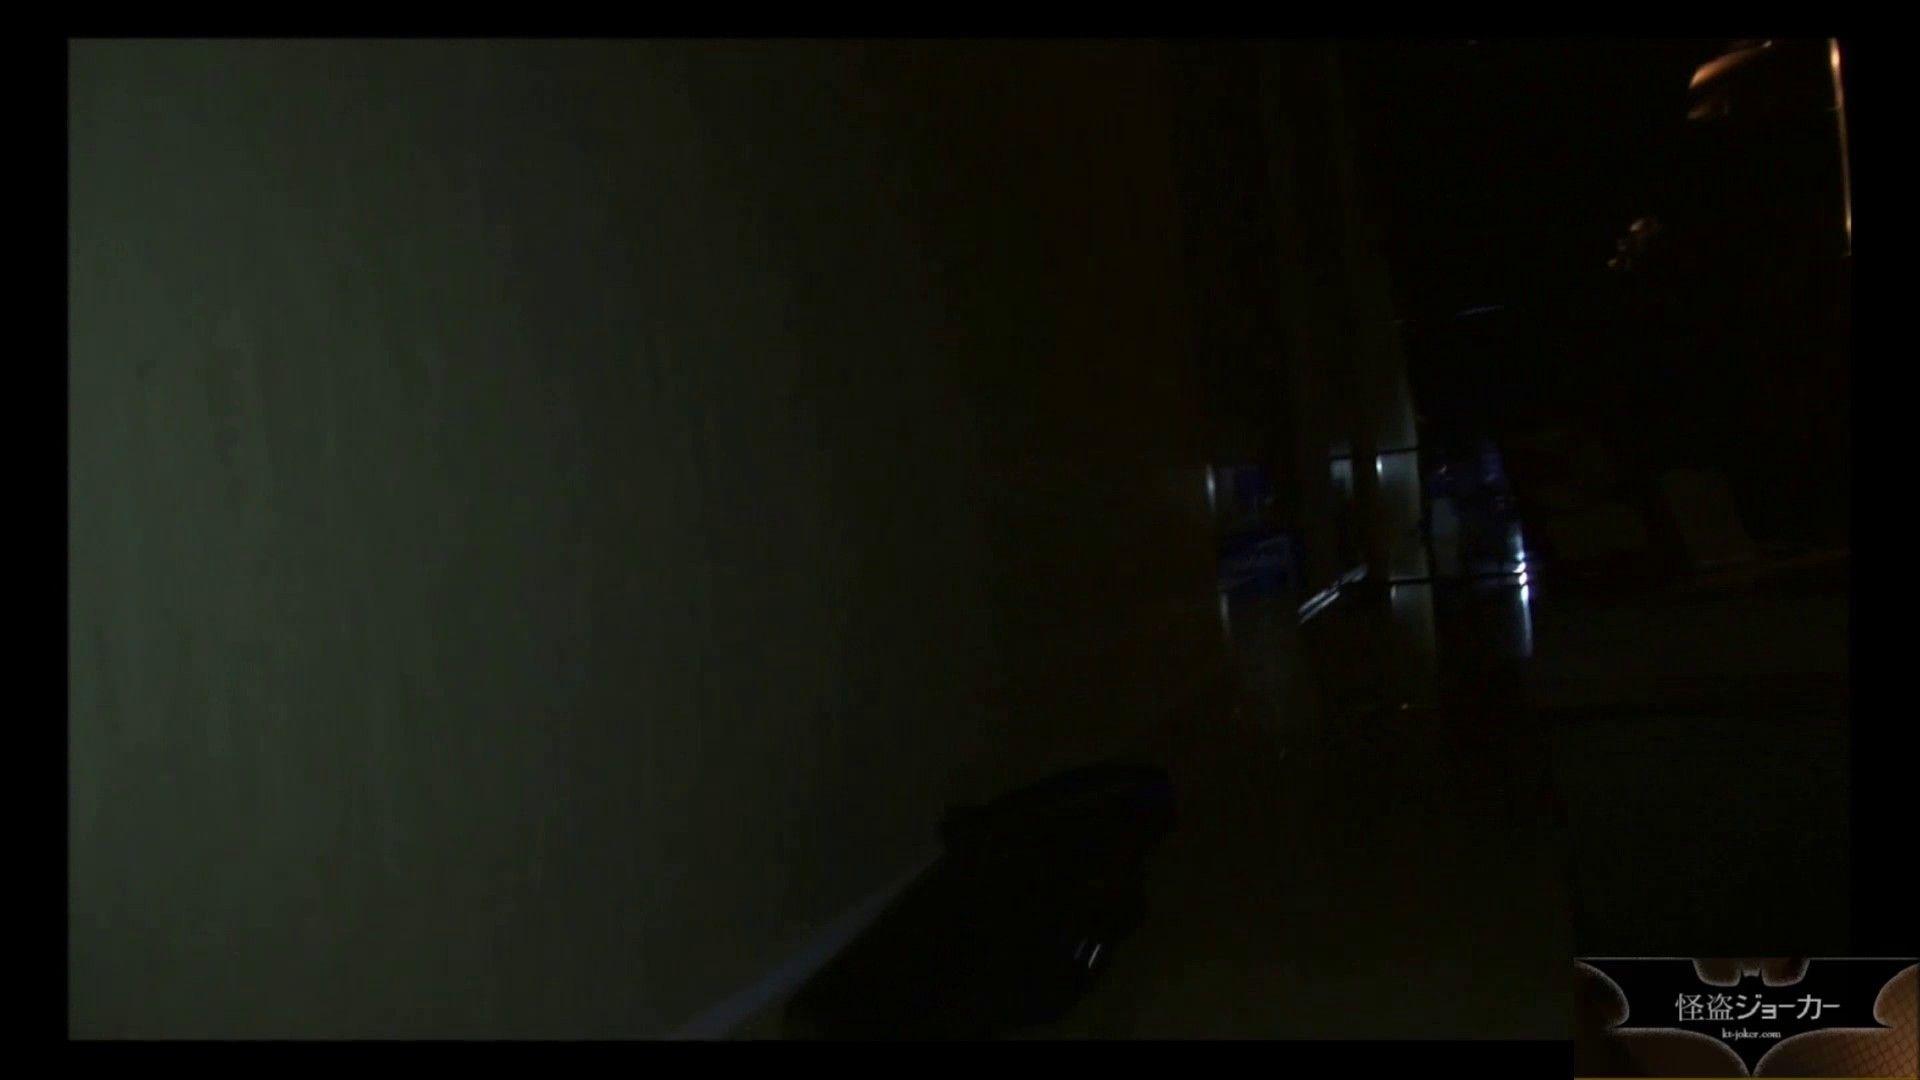 【未公開】vol.65 {黒髪美少女18歳}AIちゃん、連れ込み悪戯③ 車 AV無料 93pic 74